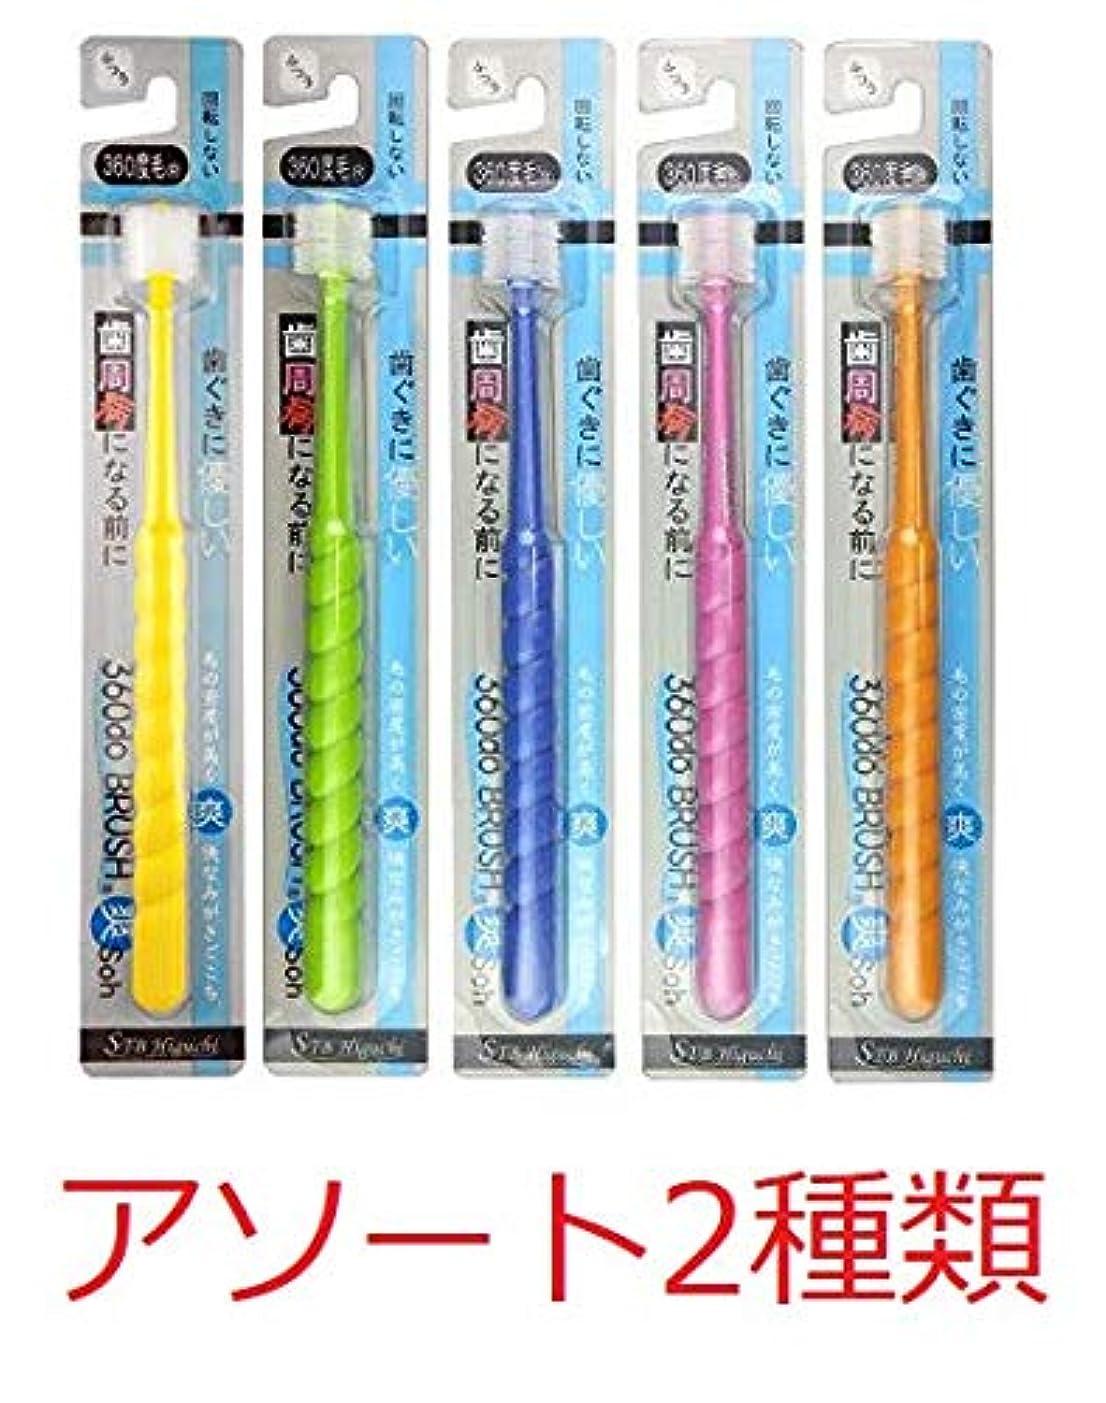 靄エキサイティング拷問360度歯ブラシ 360do BRUSH 爽(SOH)2個セット (カラーは2色おまかせ)